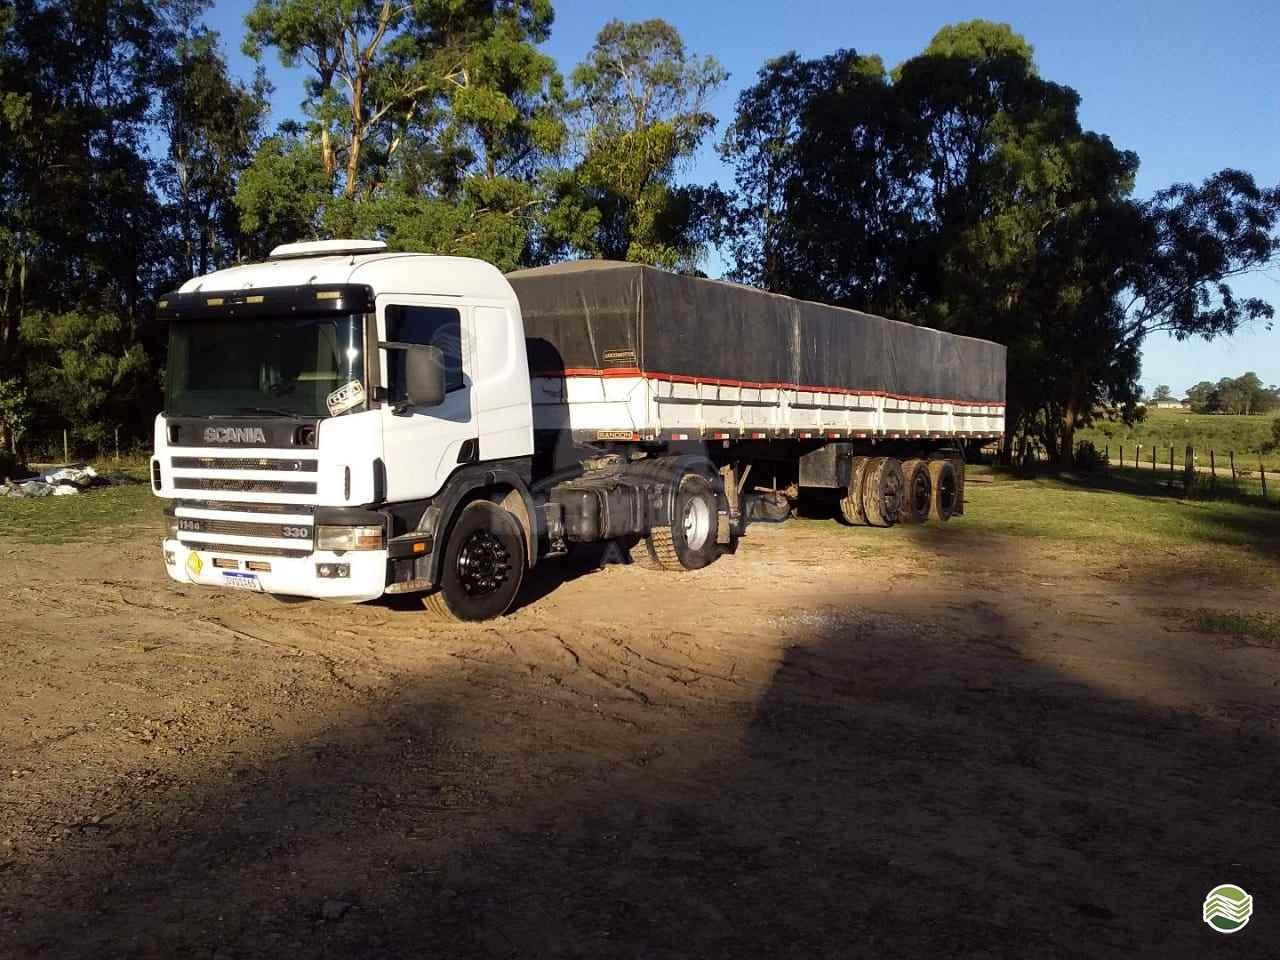 CAMINHAO SCANIA SCANIA 114 330 Graneleiro Truck 6x2 Multi Máquinas SANTA BARBARA DO SUL RIO GRANDE DO SUL RS